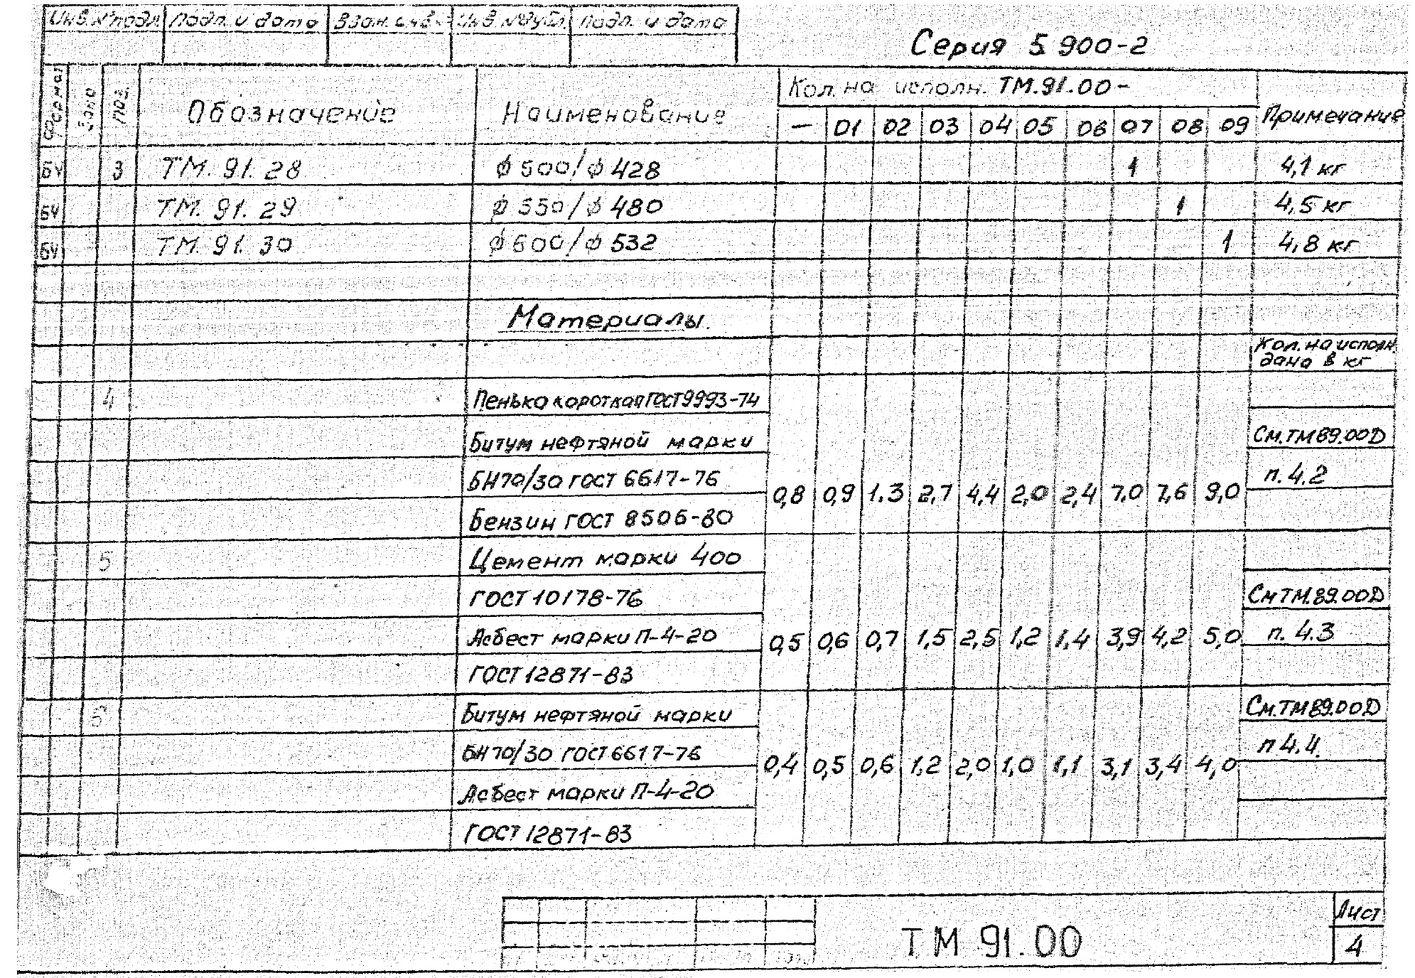 Сальники набивные ТМ.91.00 серия 5.900-2 стр.5